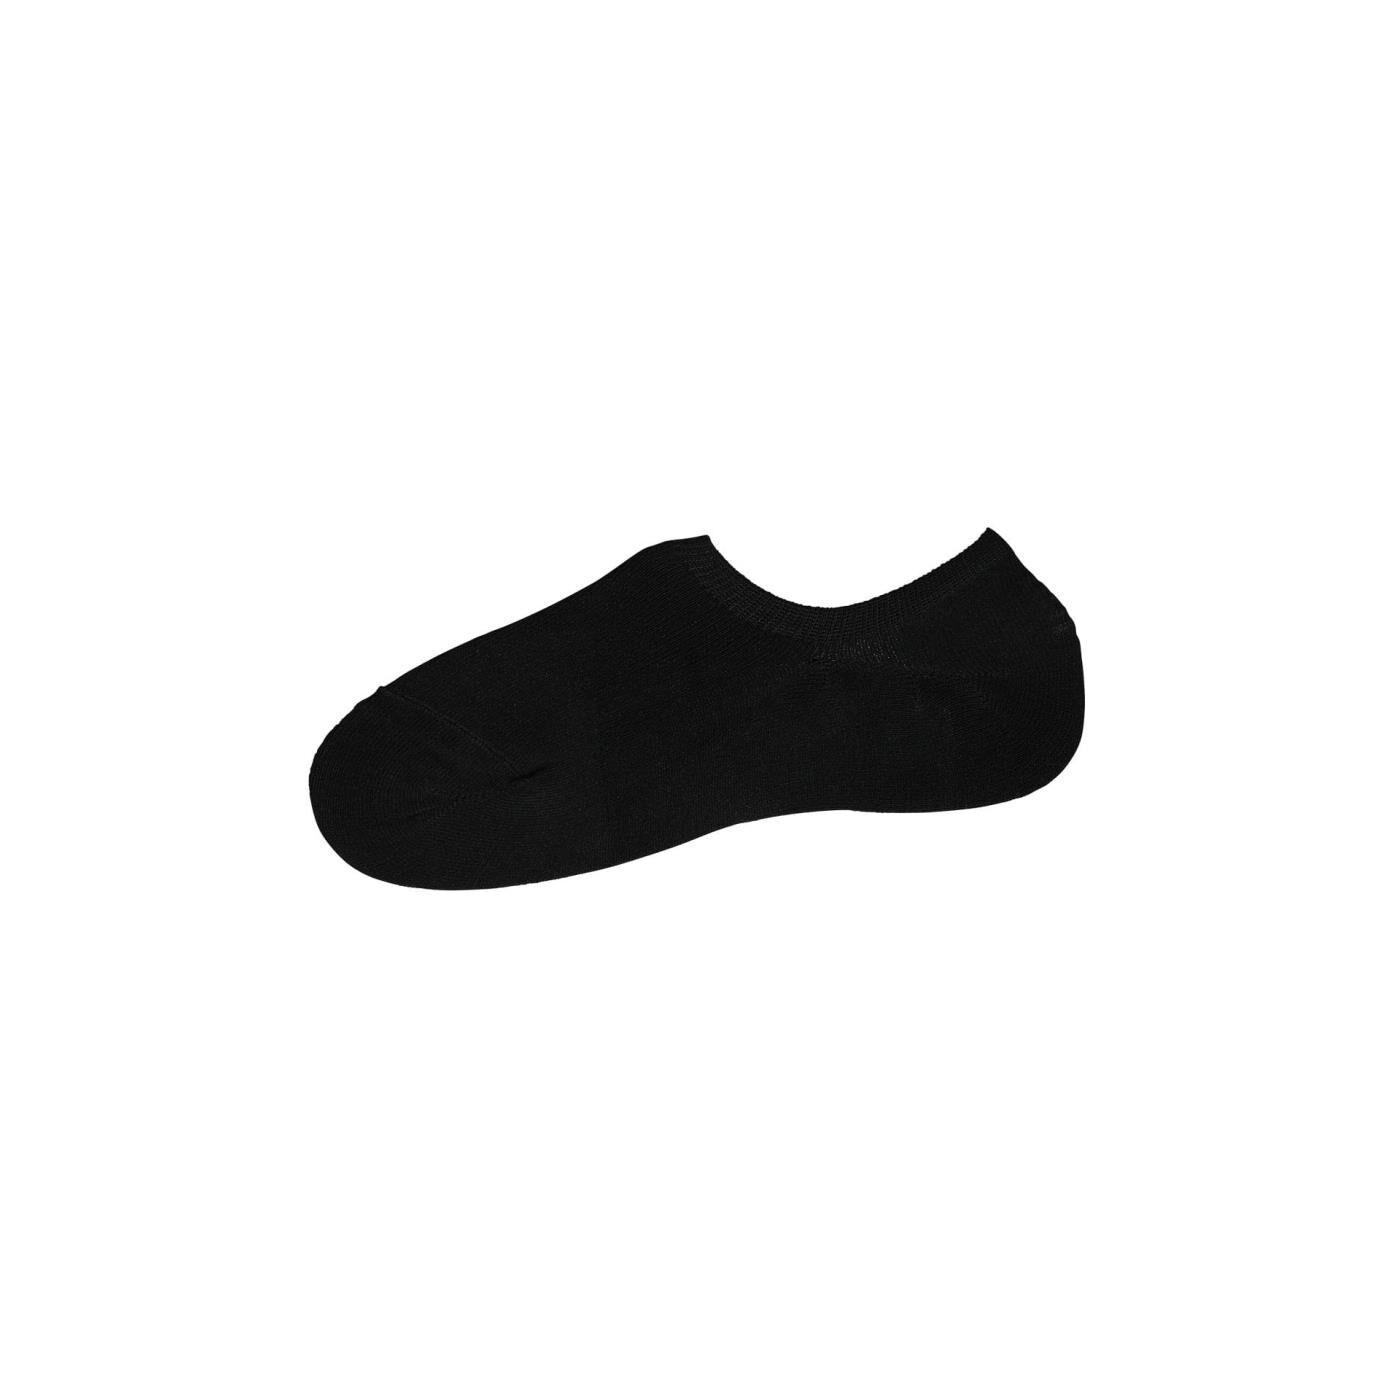 Celestino Aνδρικές κάλτσες με βαμβάκι  - Μαυρο - Grootte: One Size